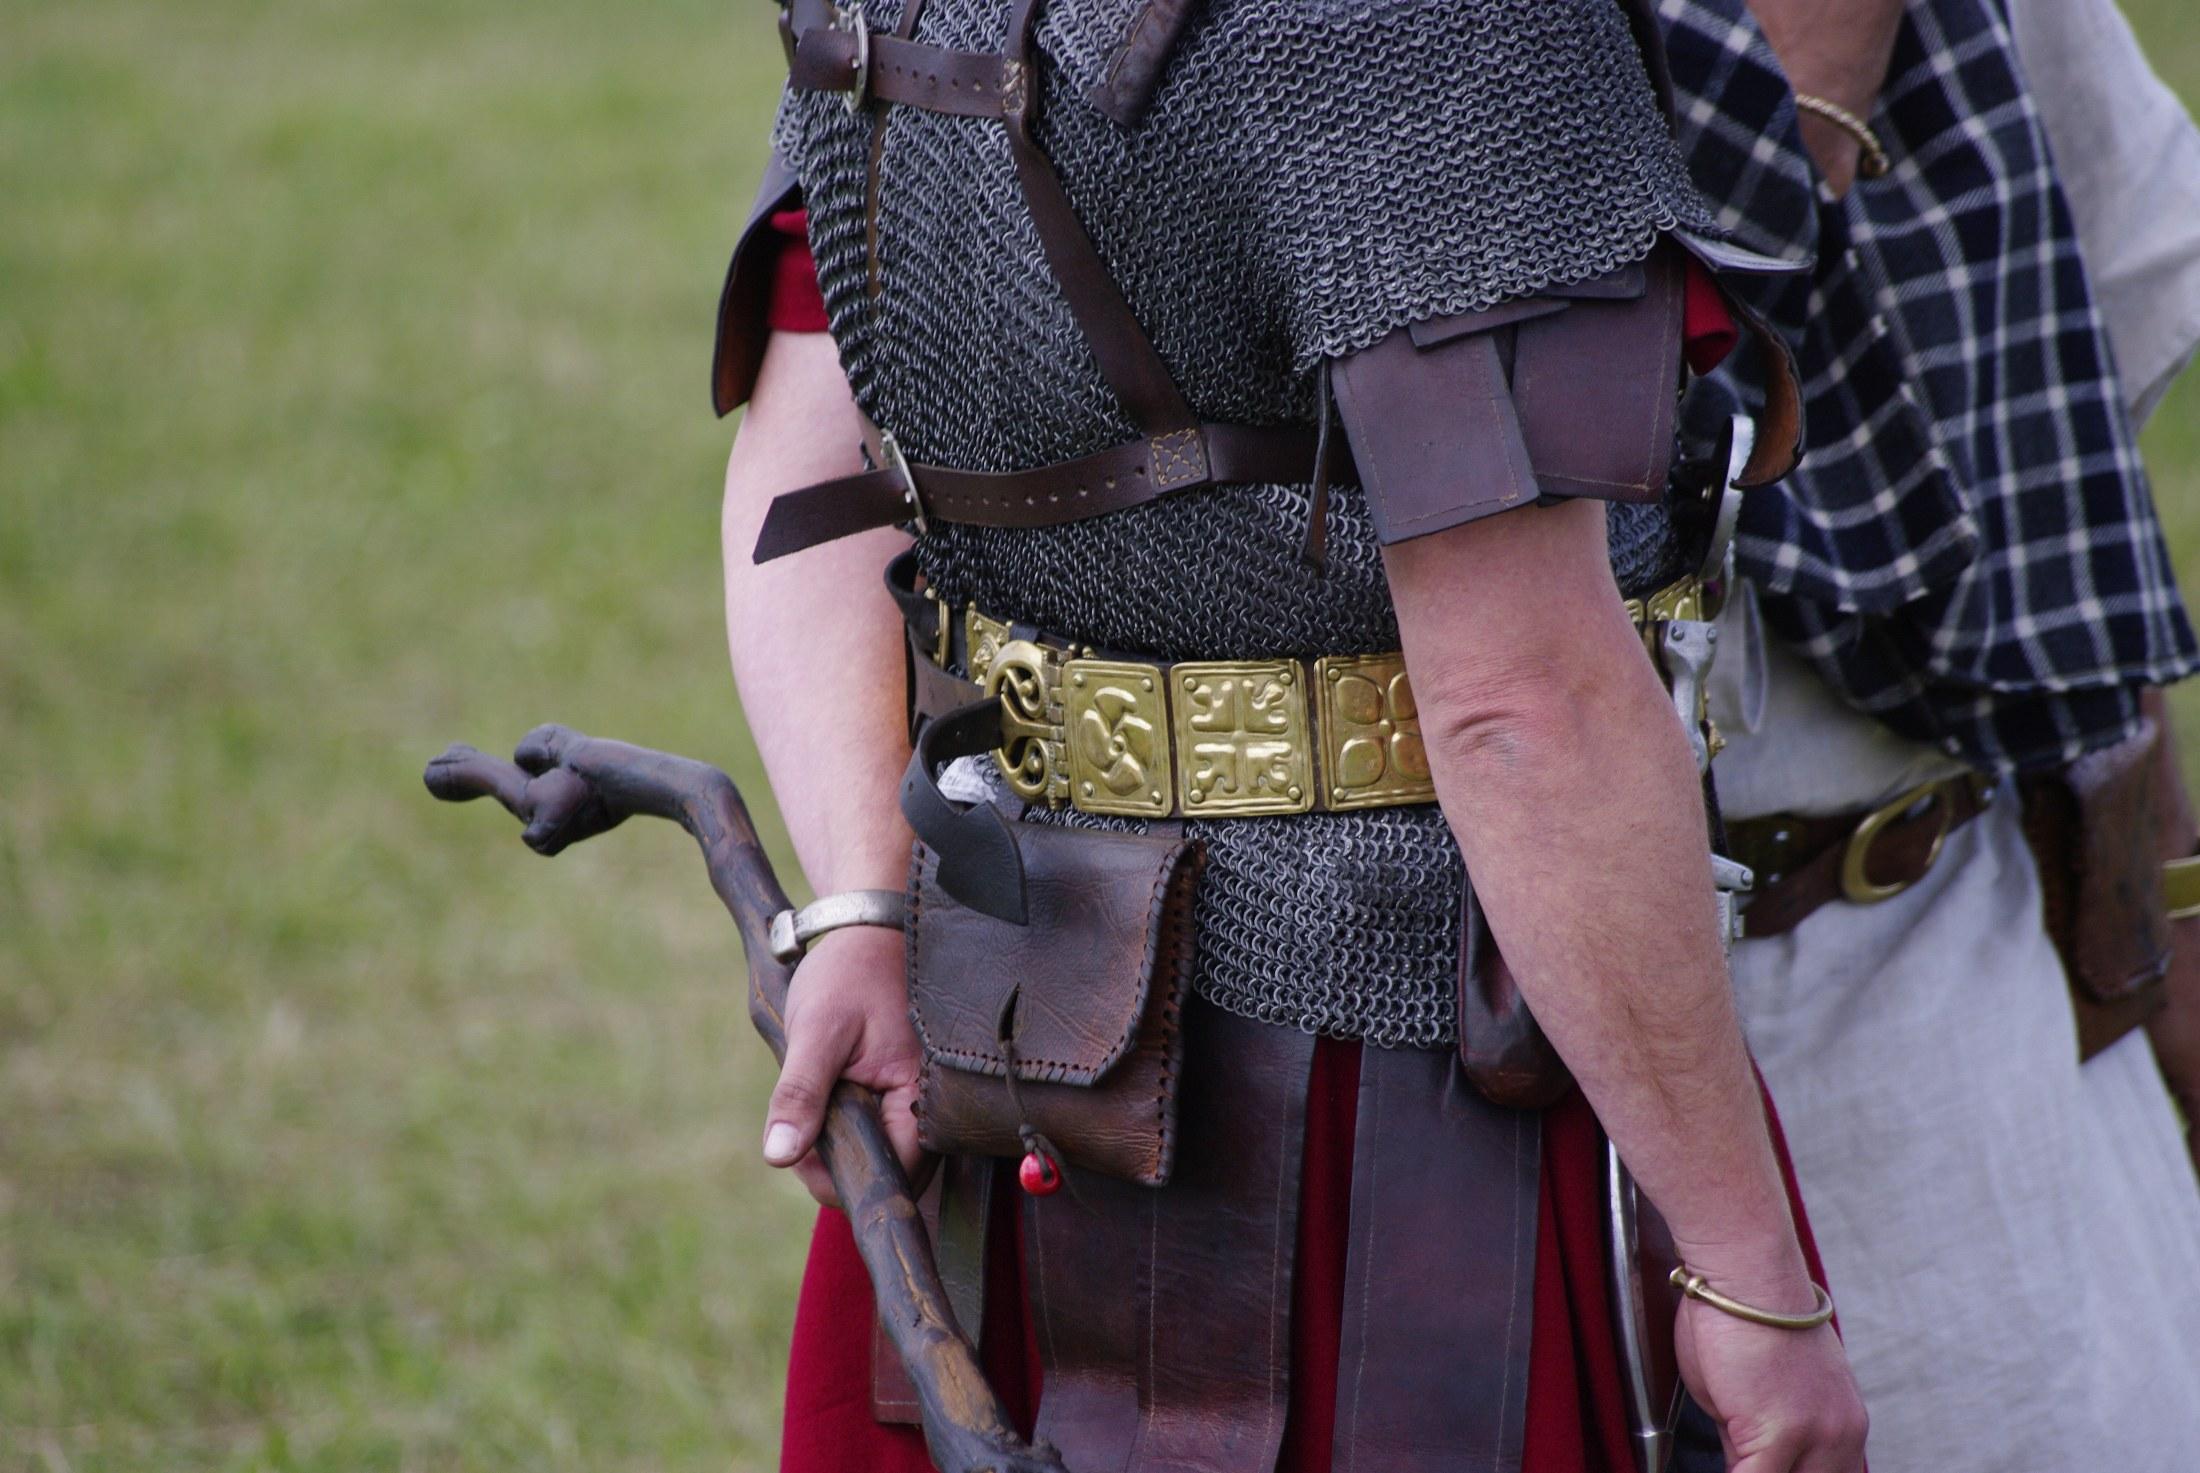 El centurión, el pilar de las legiones